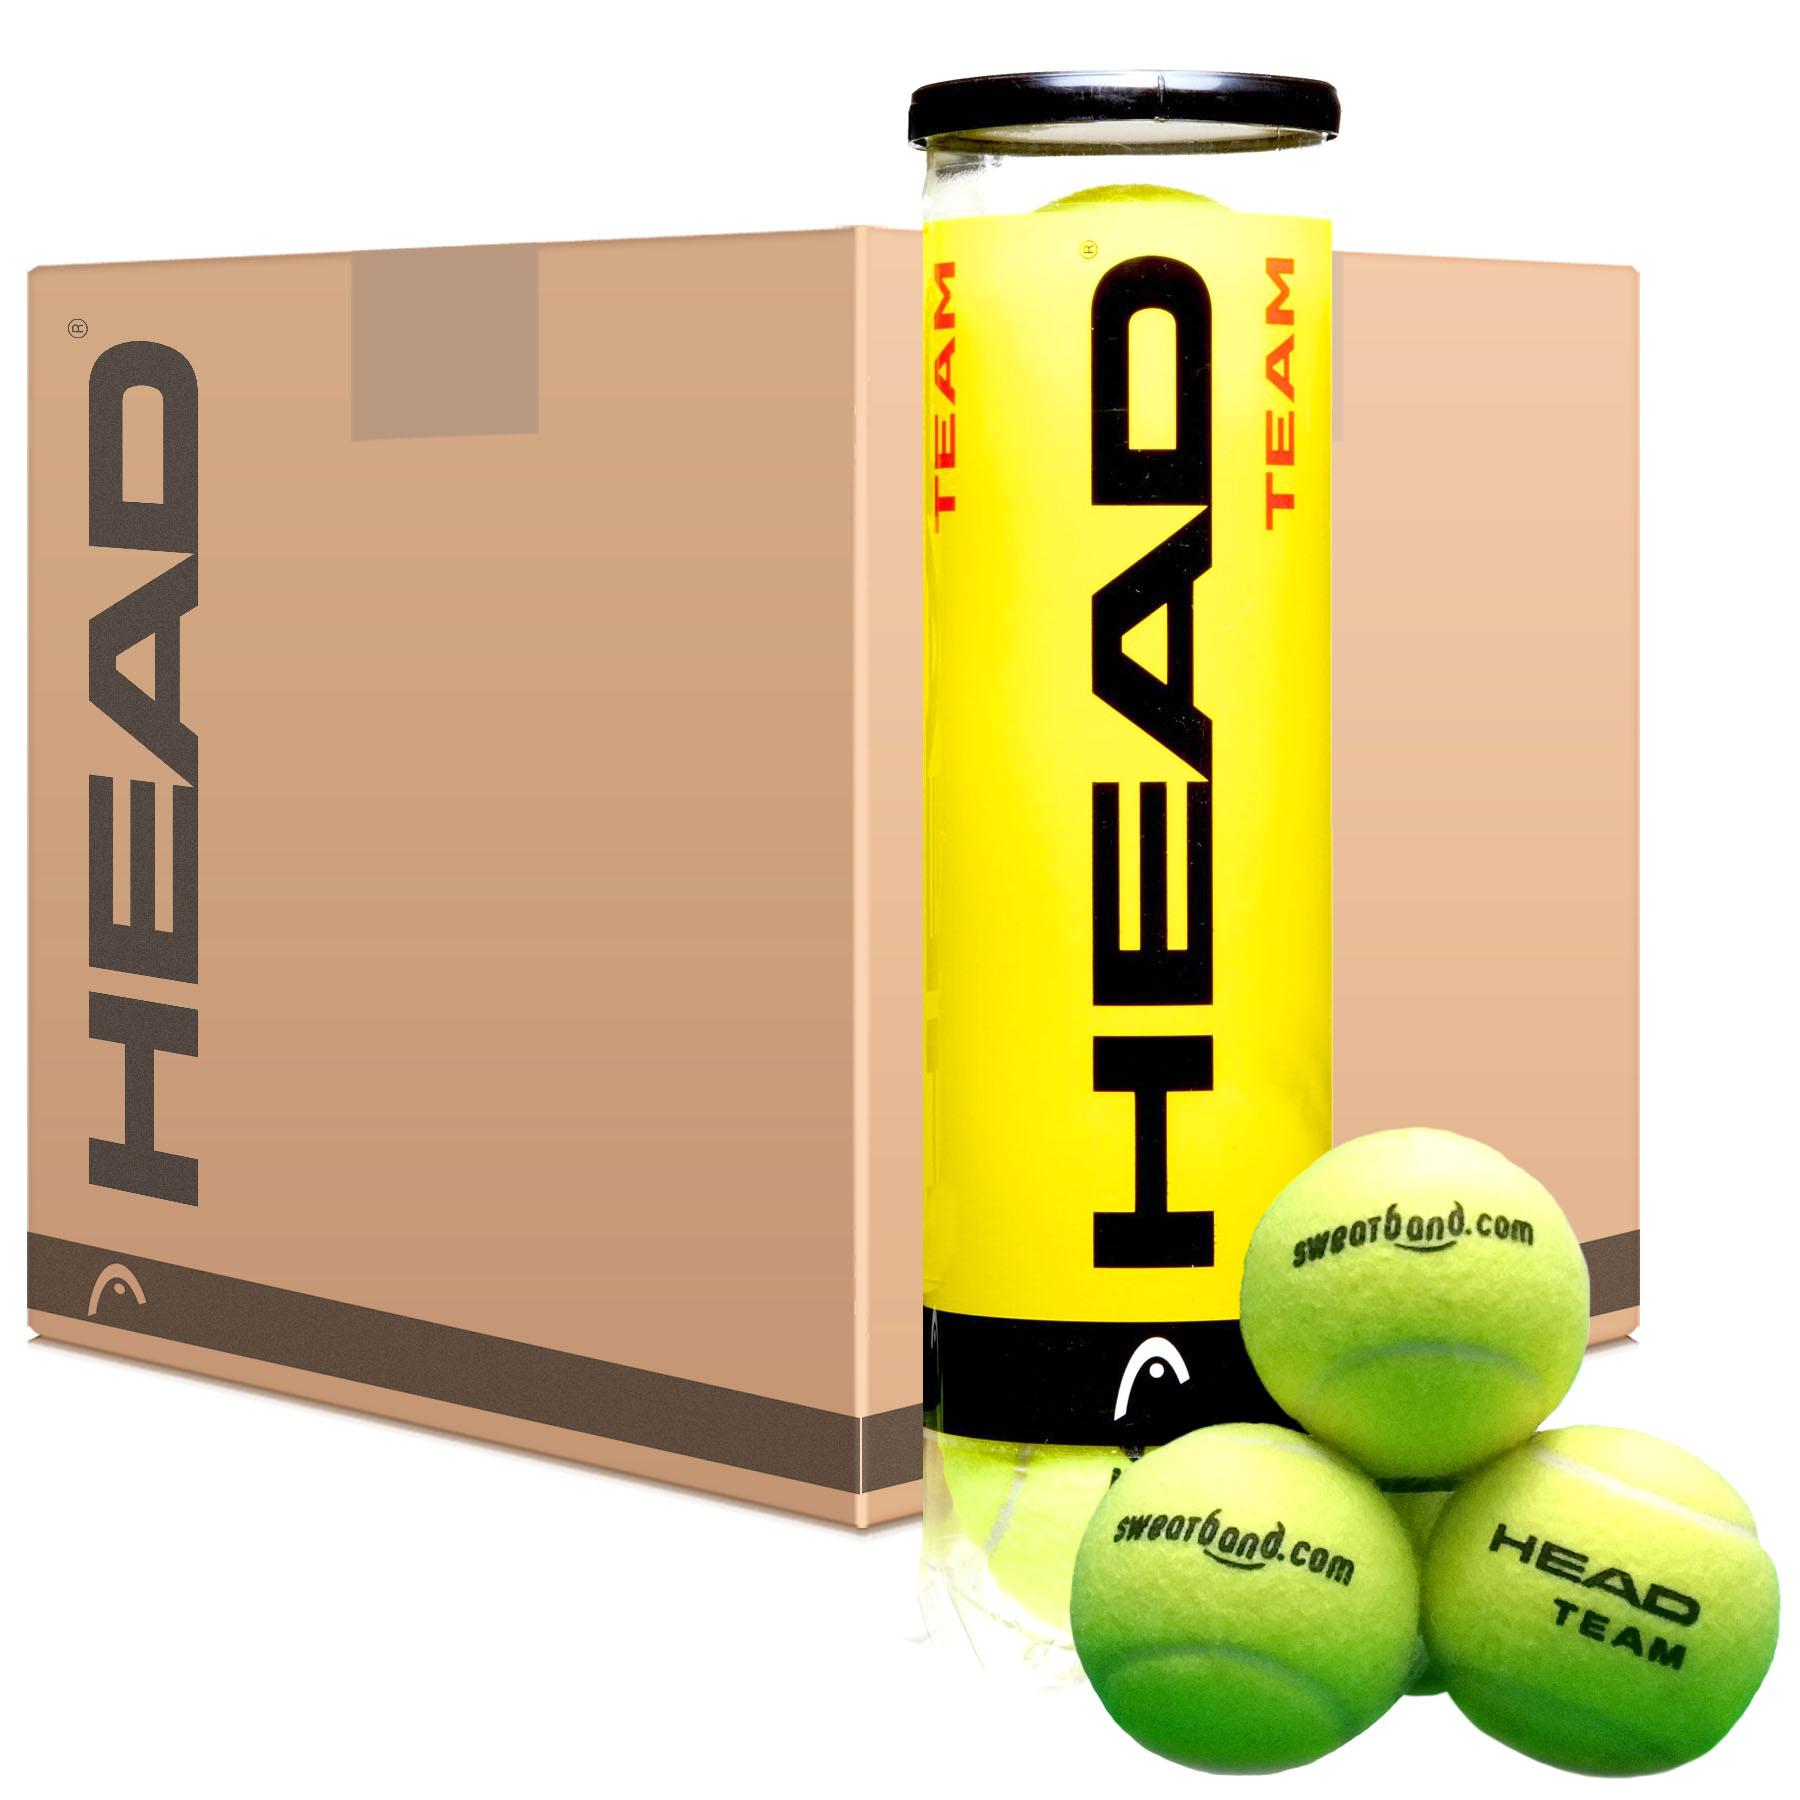 Sweatband.com  Head Team Tennis Balls  12 dozen